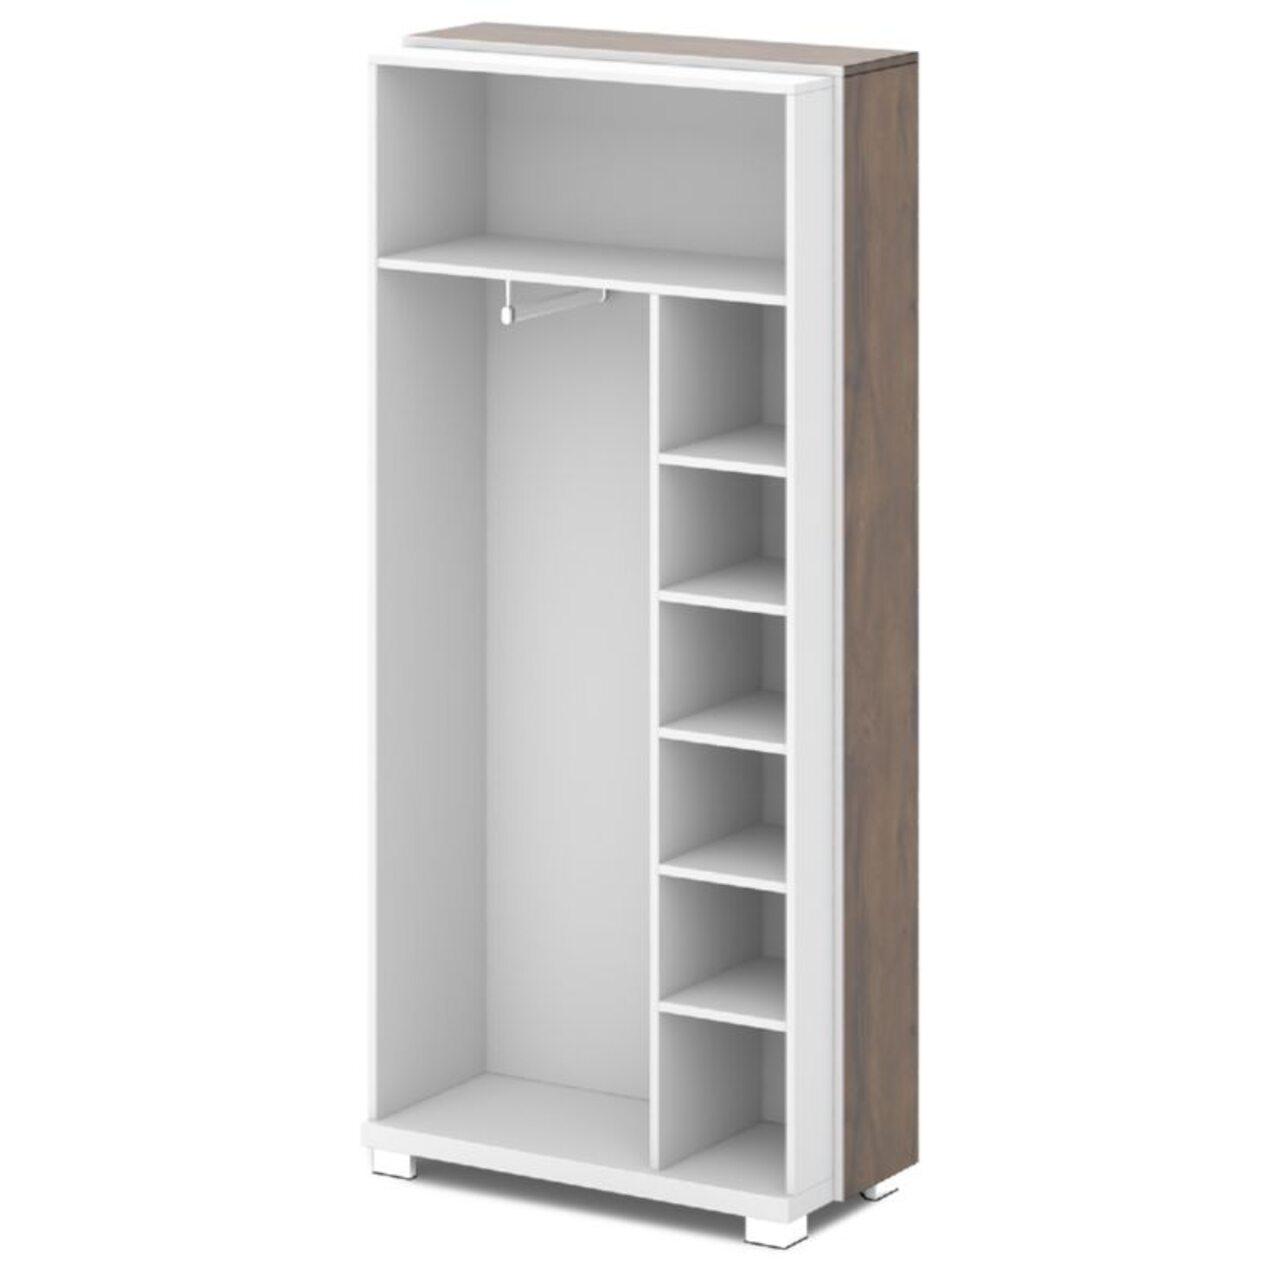 Каркас шкафа для одежды отдельностоящий  GRACE 44x94x205 - фото 6